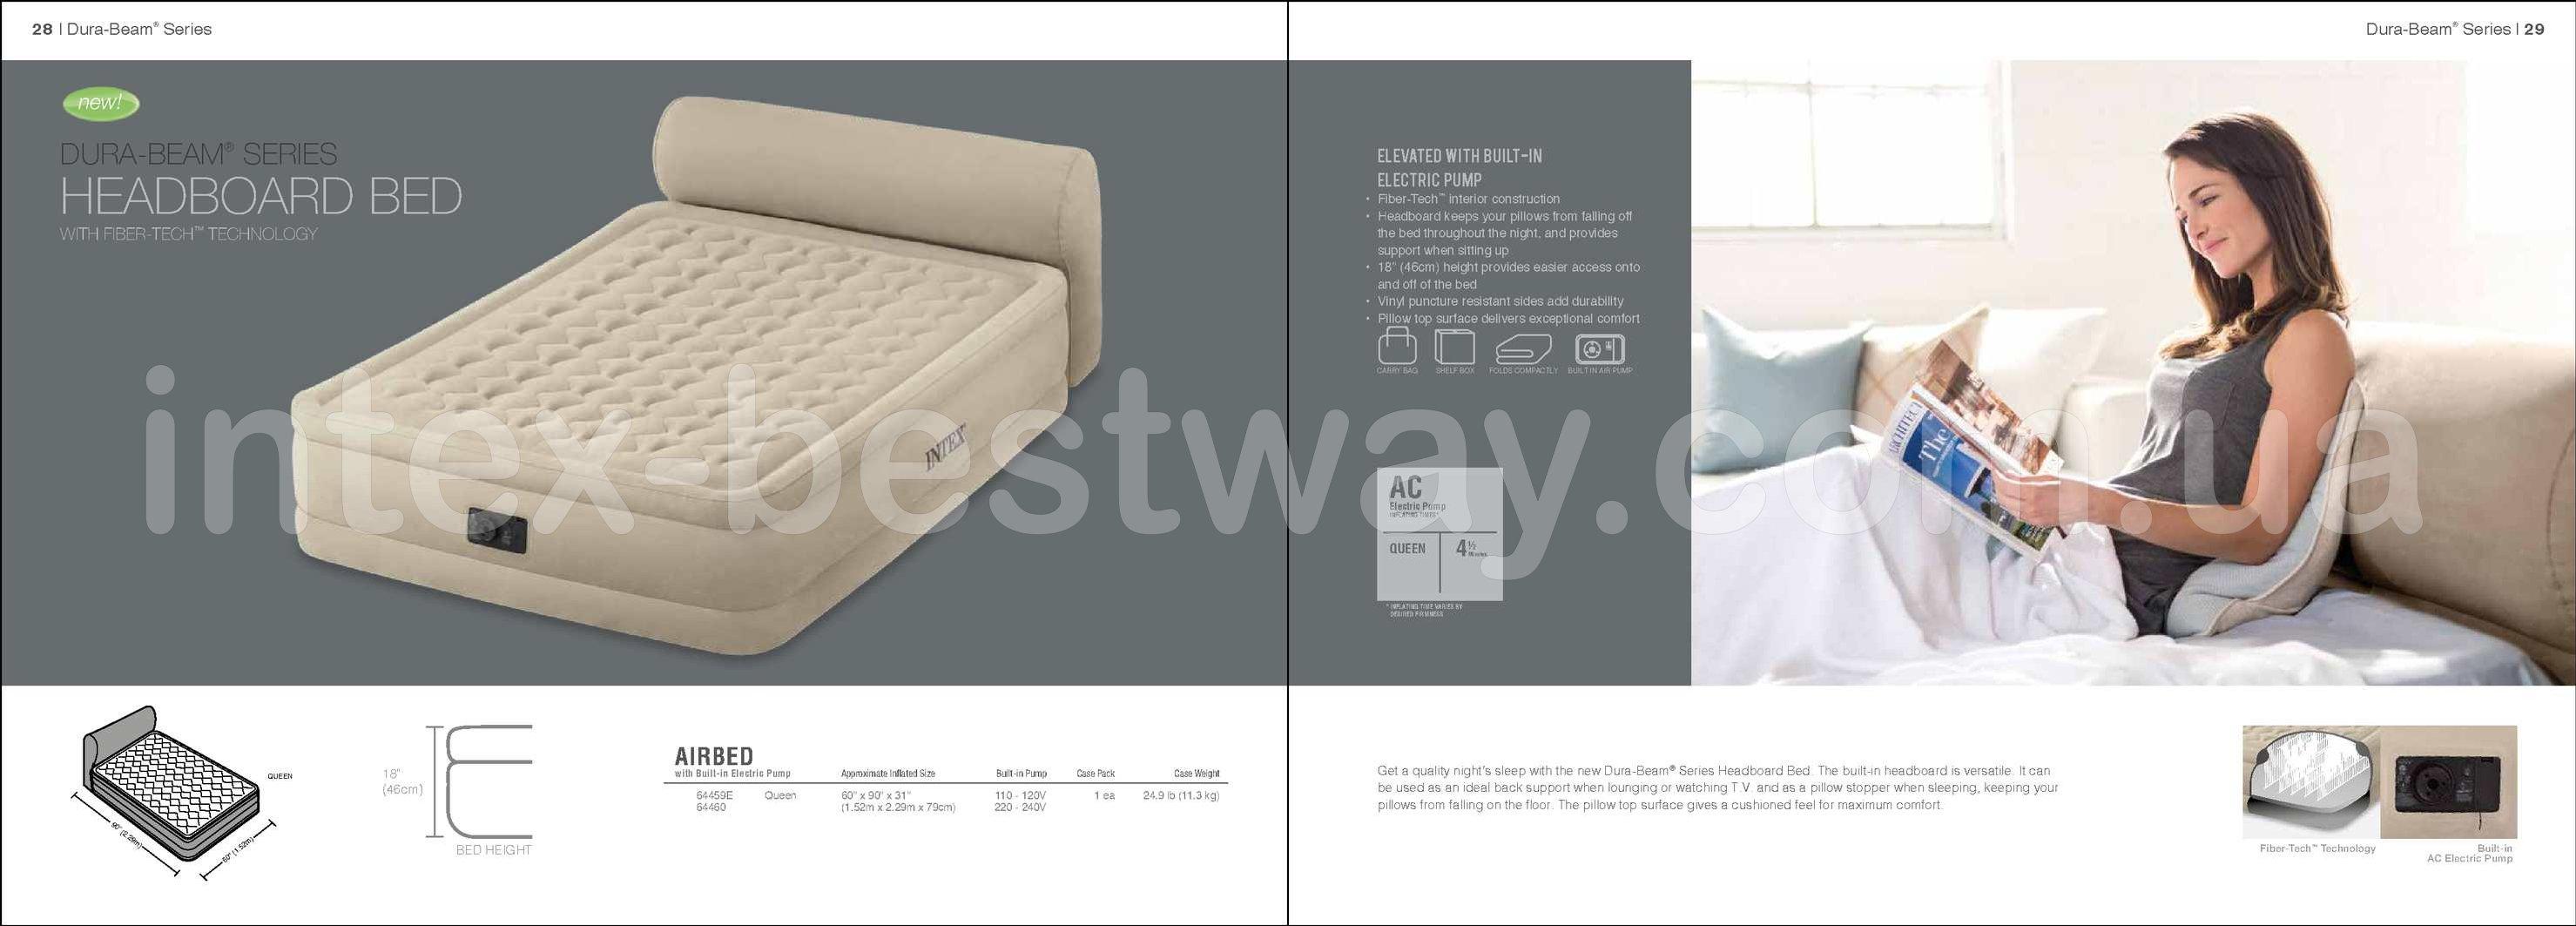 Двуспальная надувная кровать Intex 64460 + встроенный электронасос 220V Headboard Bed With Fiber-Tech Technology